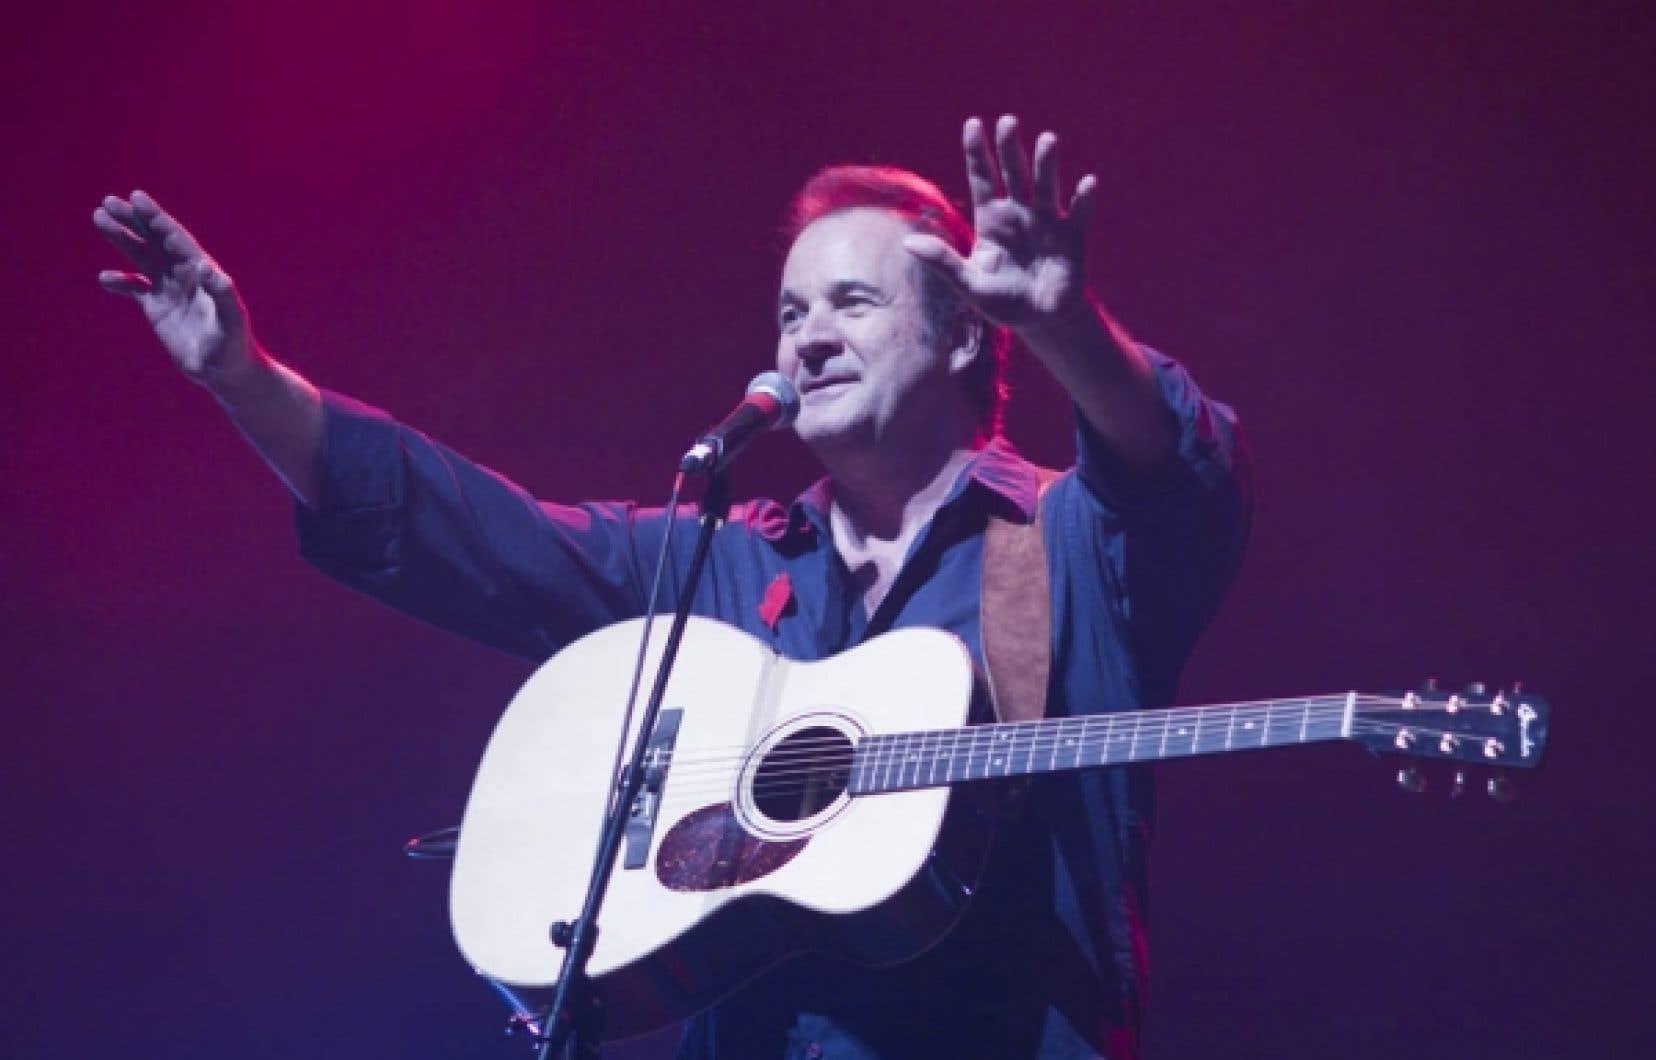 Le chanteur Paul Piché est au nombre des artistes qui ont participé hier à Montréal à un spectacle en appui aux étudiants grévistes.